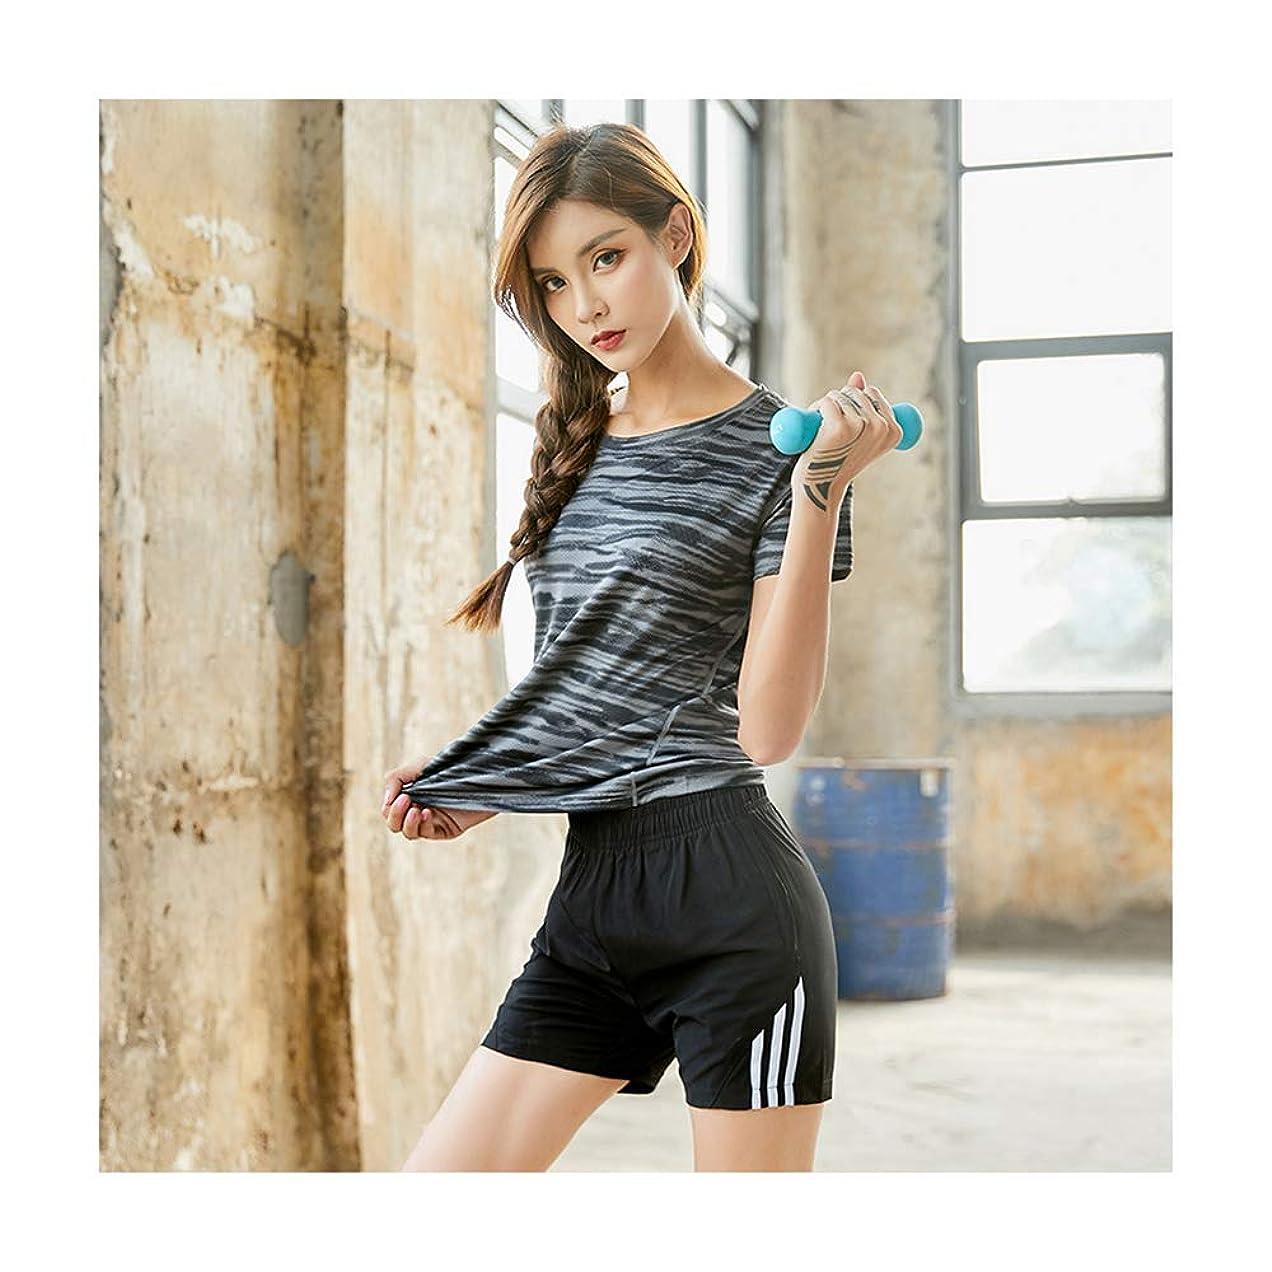 洗う同僚直径スポーツ速乾性のあるTシャツヨガ服フィットネス服女性スポーツトップス